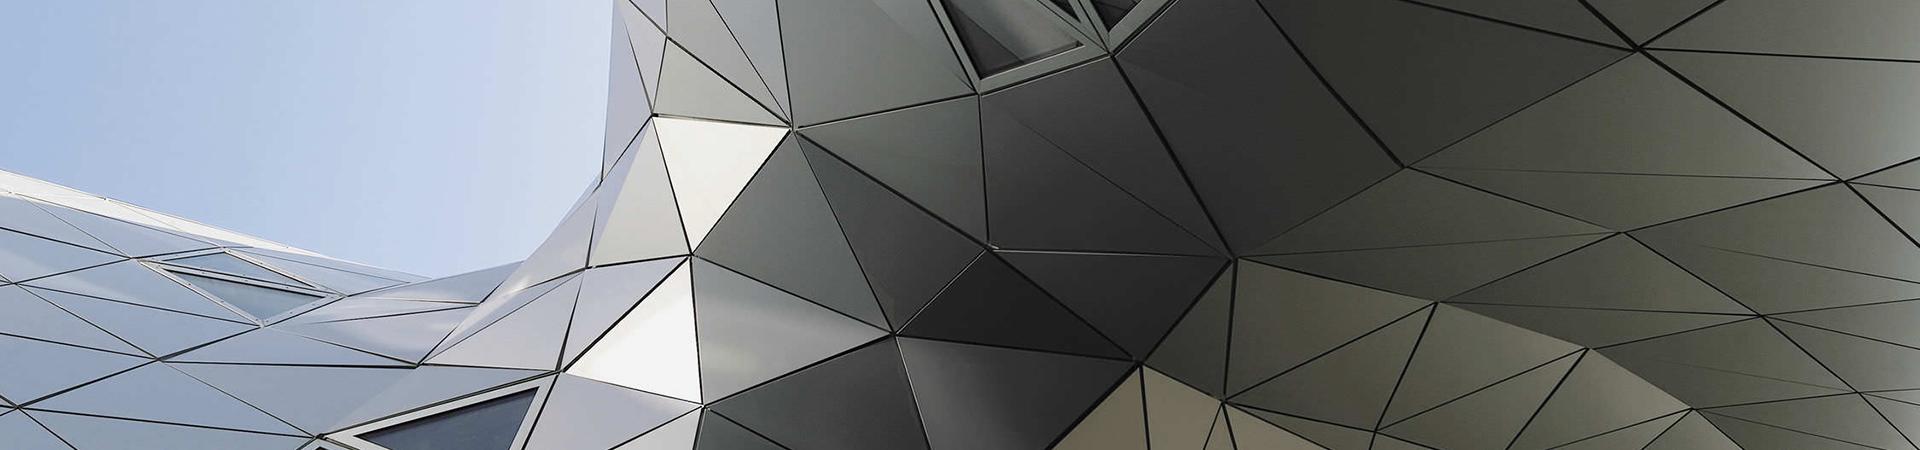 ventanaskit_edificio_de_aluminio_2